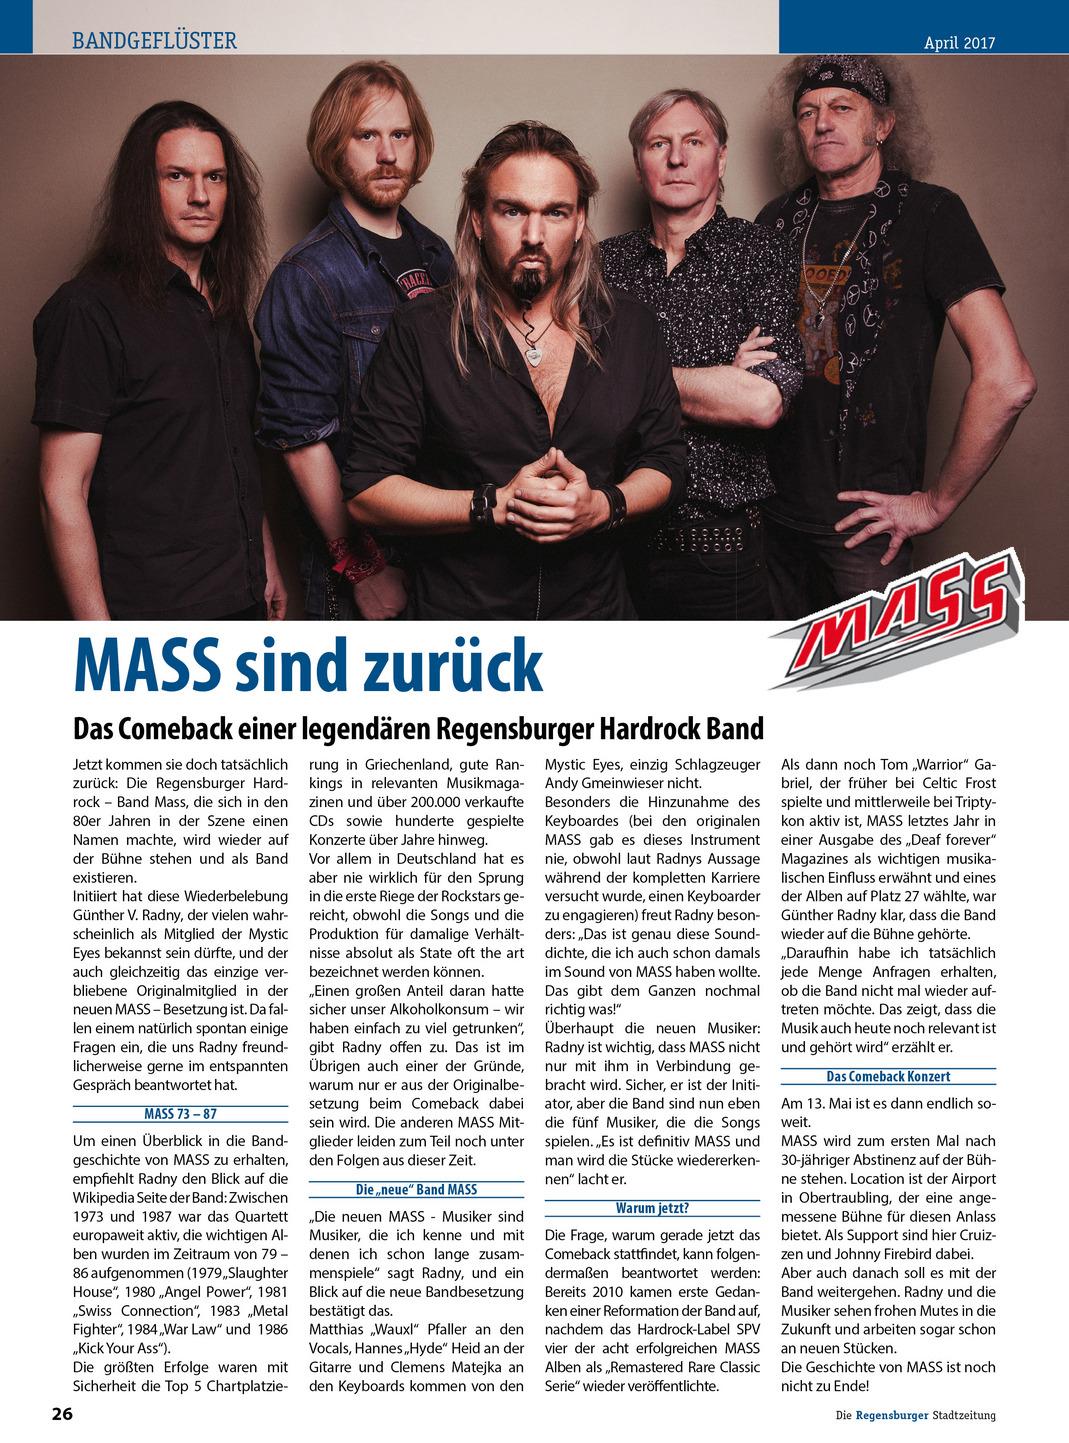 Regensburger Stadtmagazin 04.04.2017